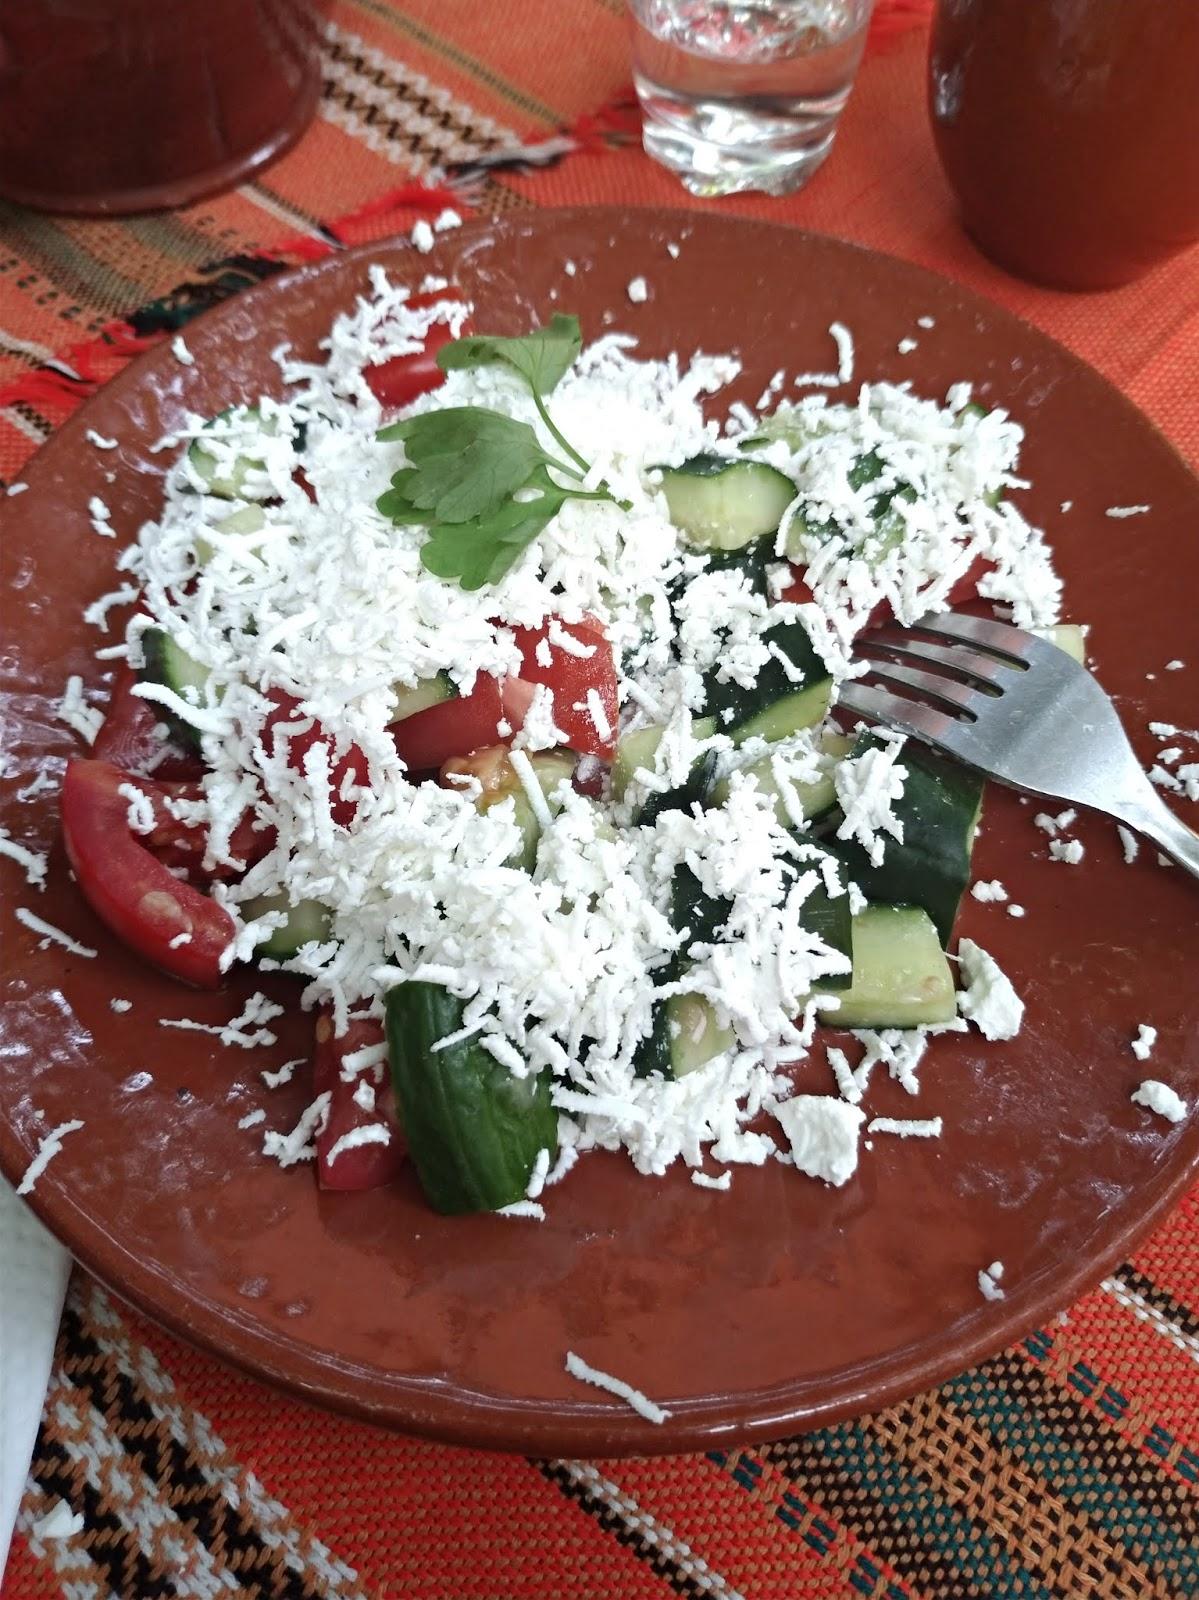 bułgarska biesiada na wycieczce, restauracja Piknik Bivaka, sałatka szopska